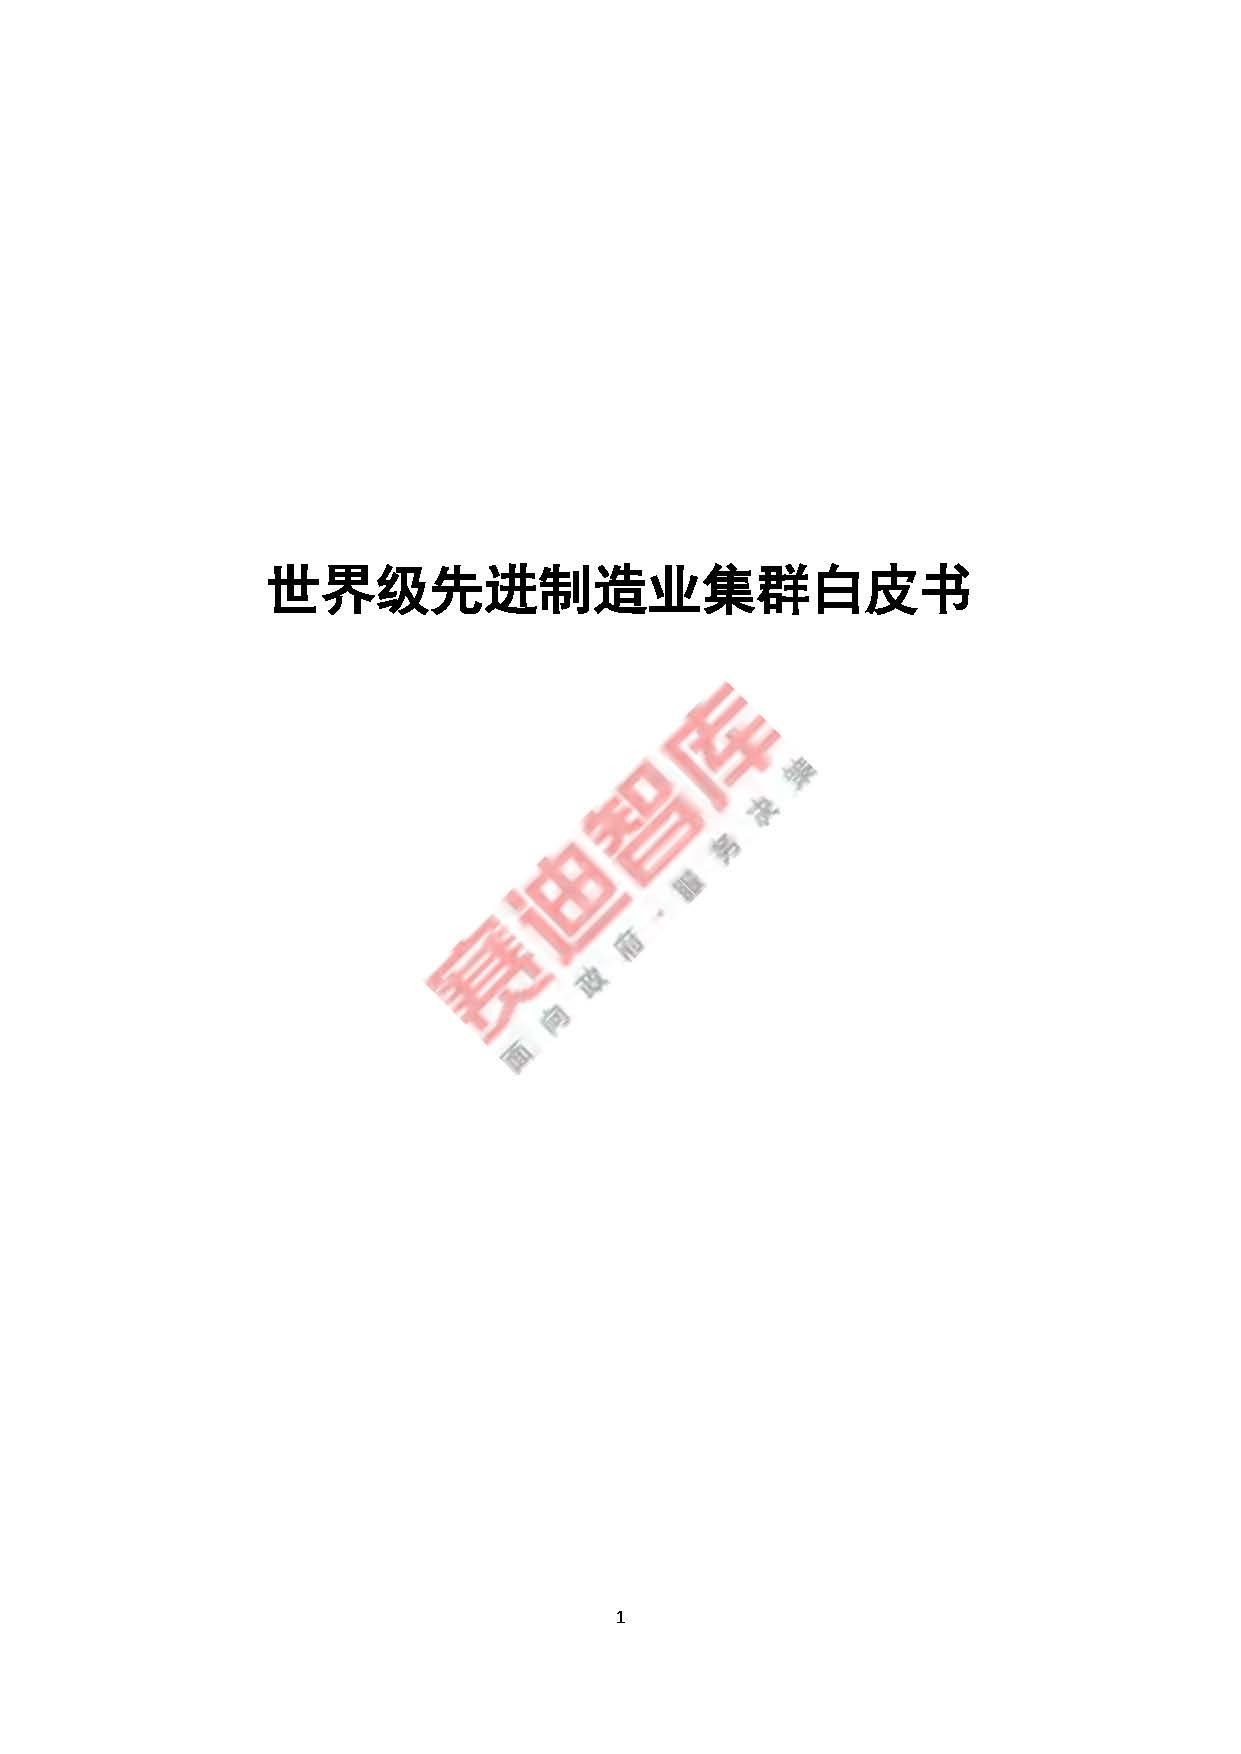 重磅发布:世界级先进制造业集群白皮书